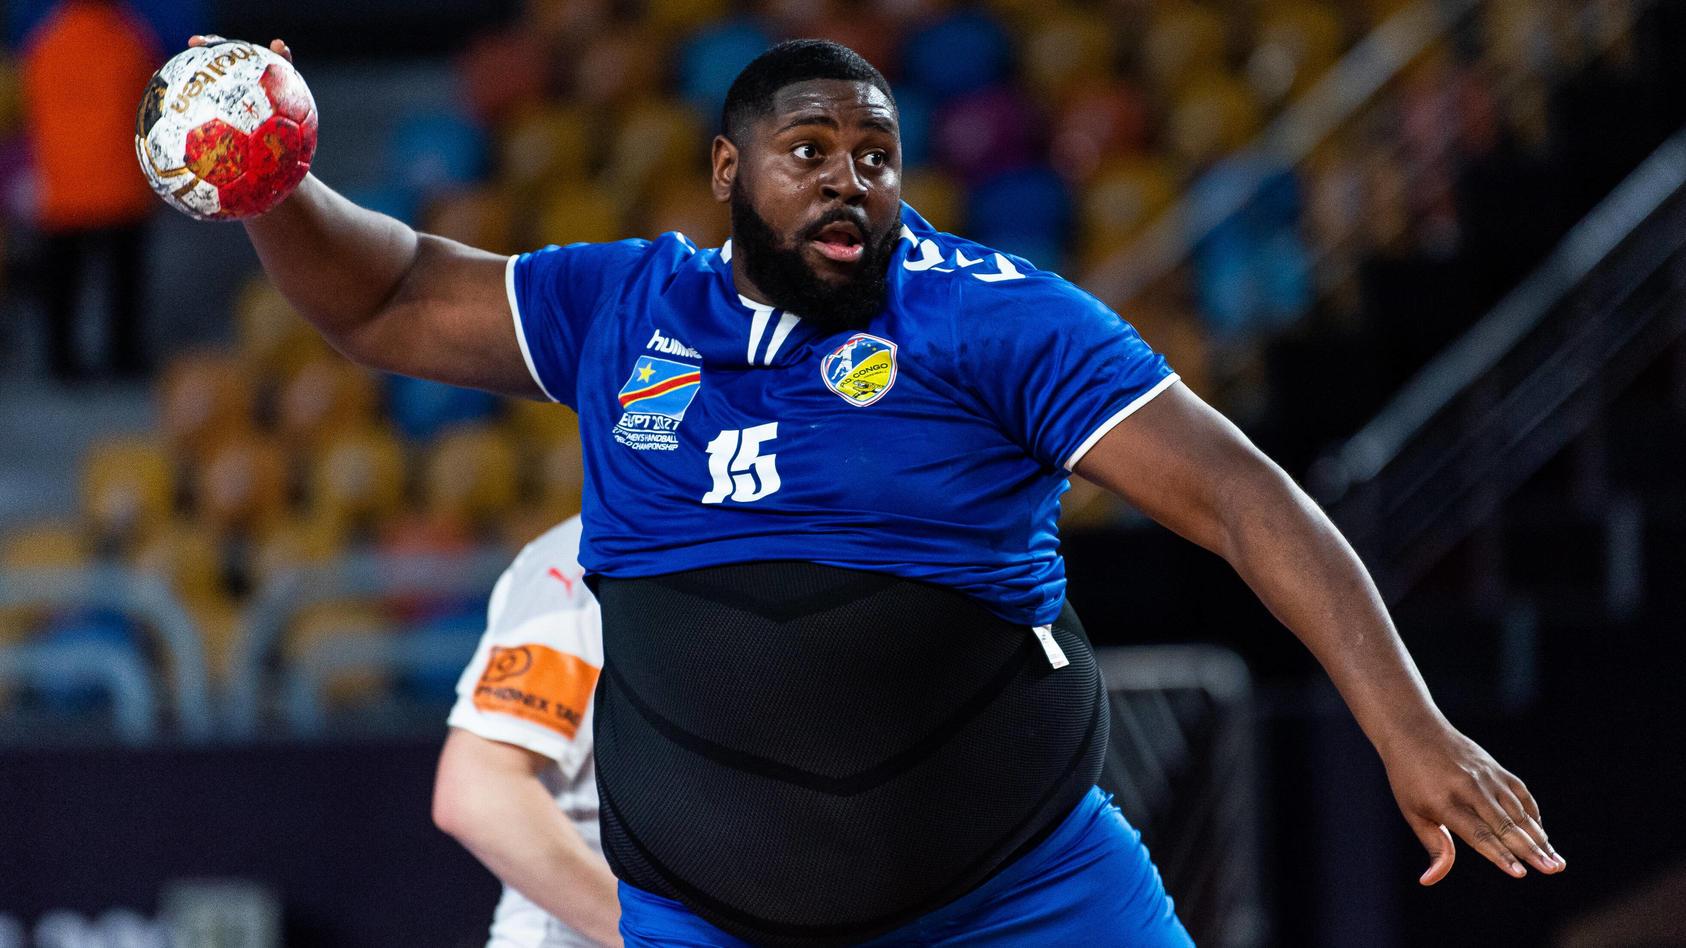 Handball-Trikots in XXXL hat der Kongo offenbar nicht produzieren lassen - El Gigante ist es wumpe